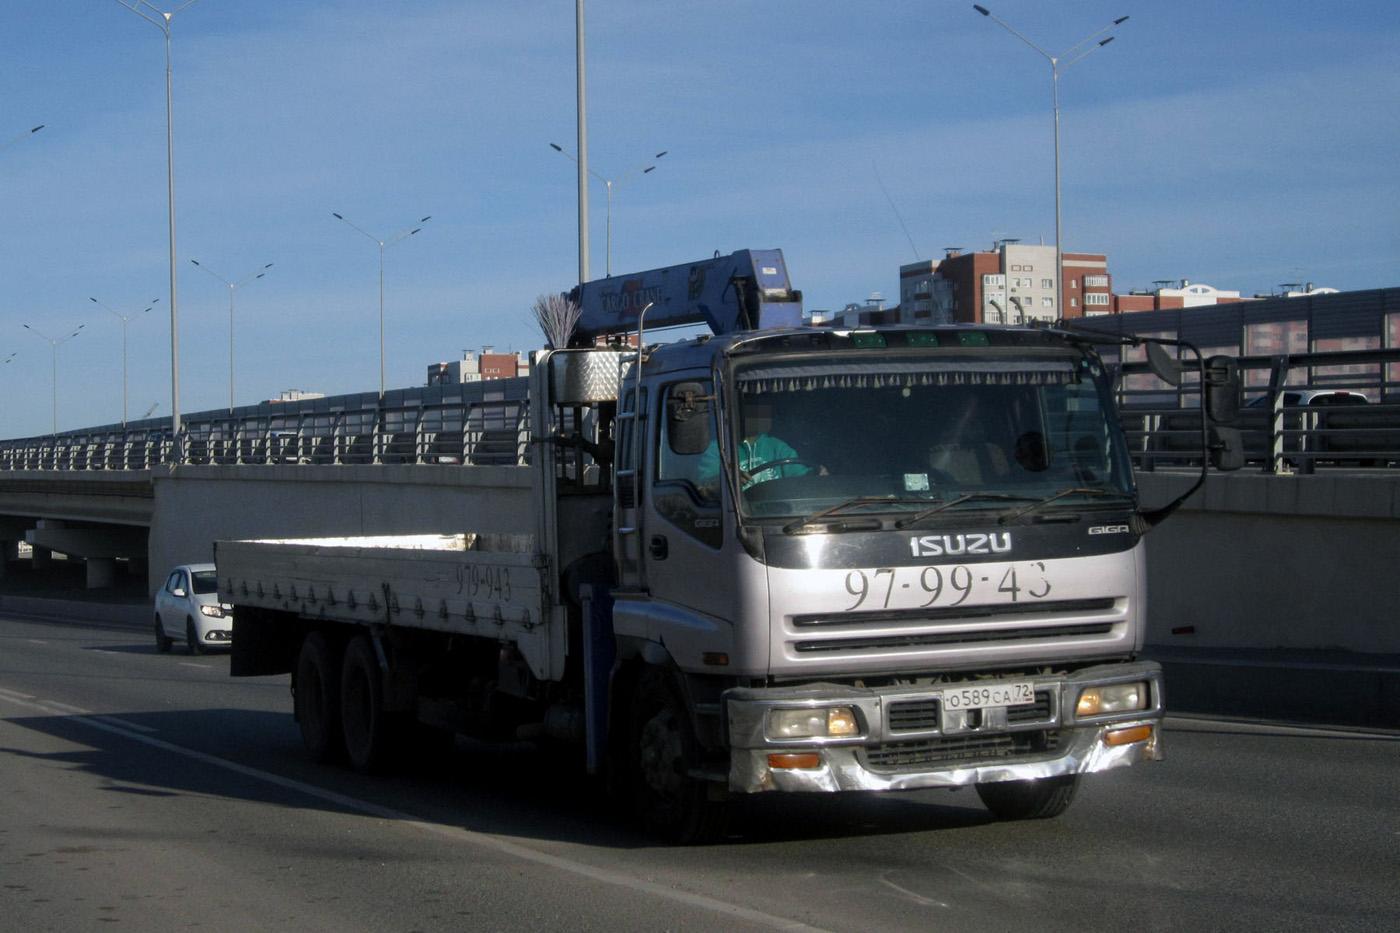 Бортовой грузовой автомобиль с КМУ Isuzu Giga #О 589 СА 72. Тюмень, улица Федюнинского